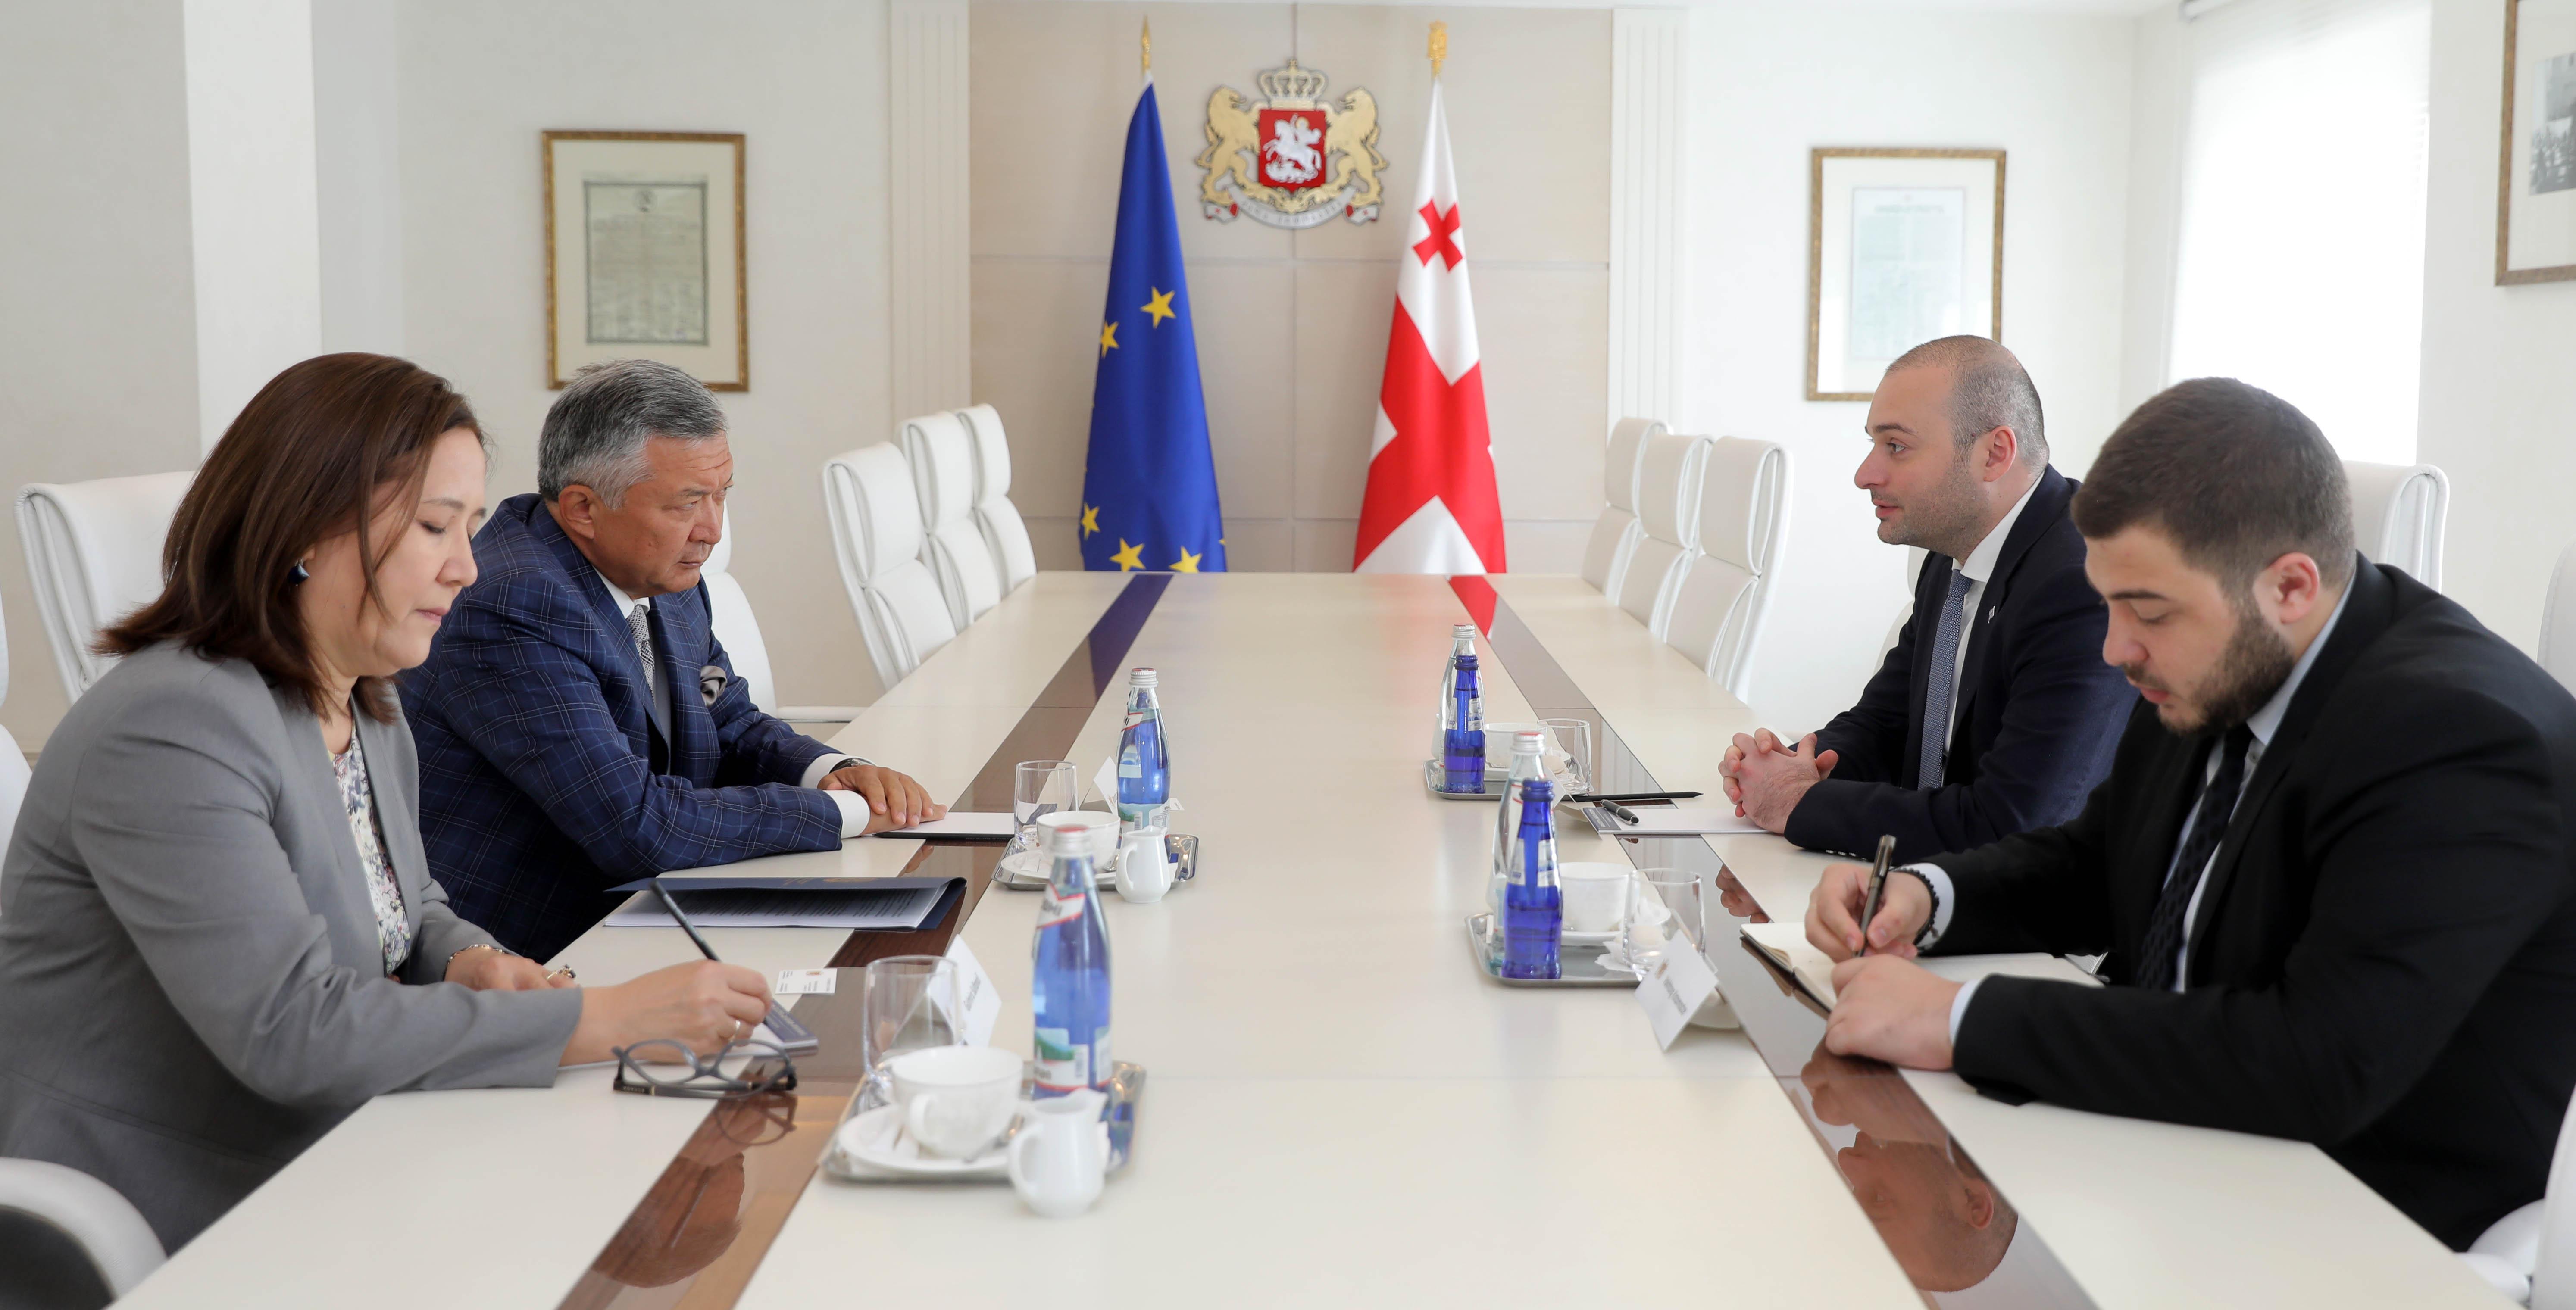 Грузия готова помочь в открытии дополнительных рейсов из Казахстана в Европу